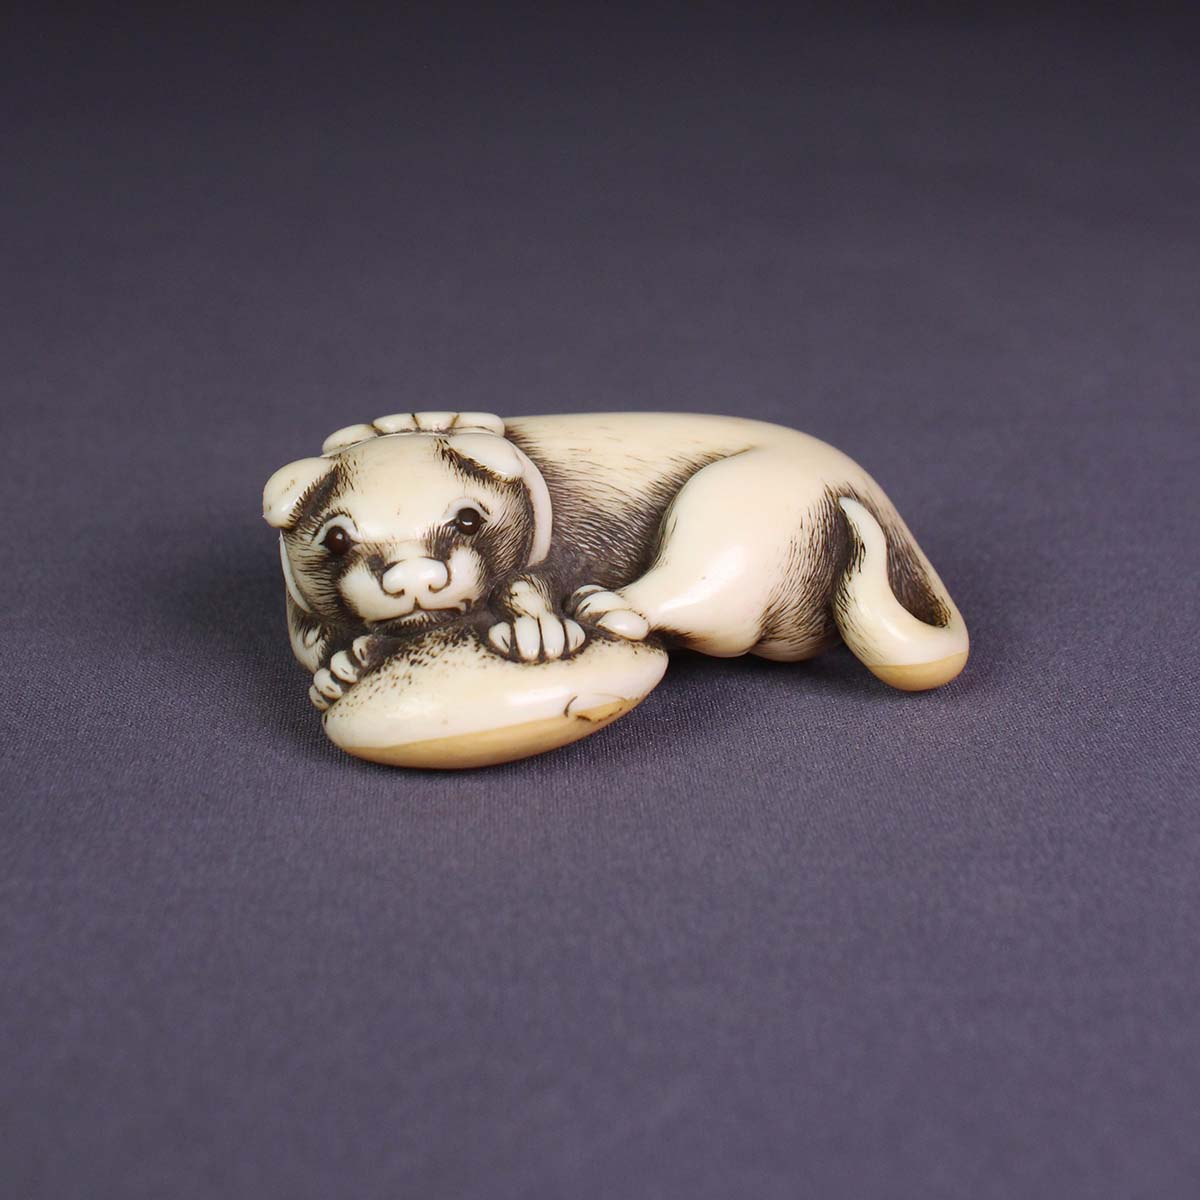 Ivory Netsuke of Dog with a Fugu Fish